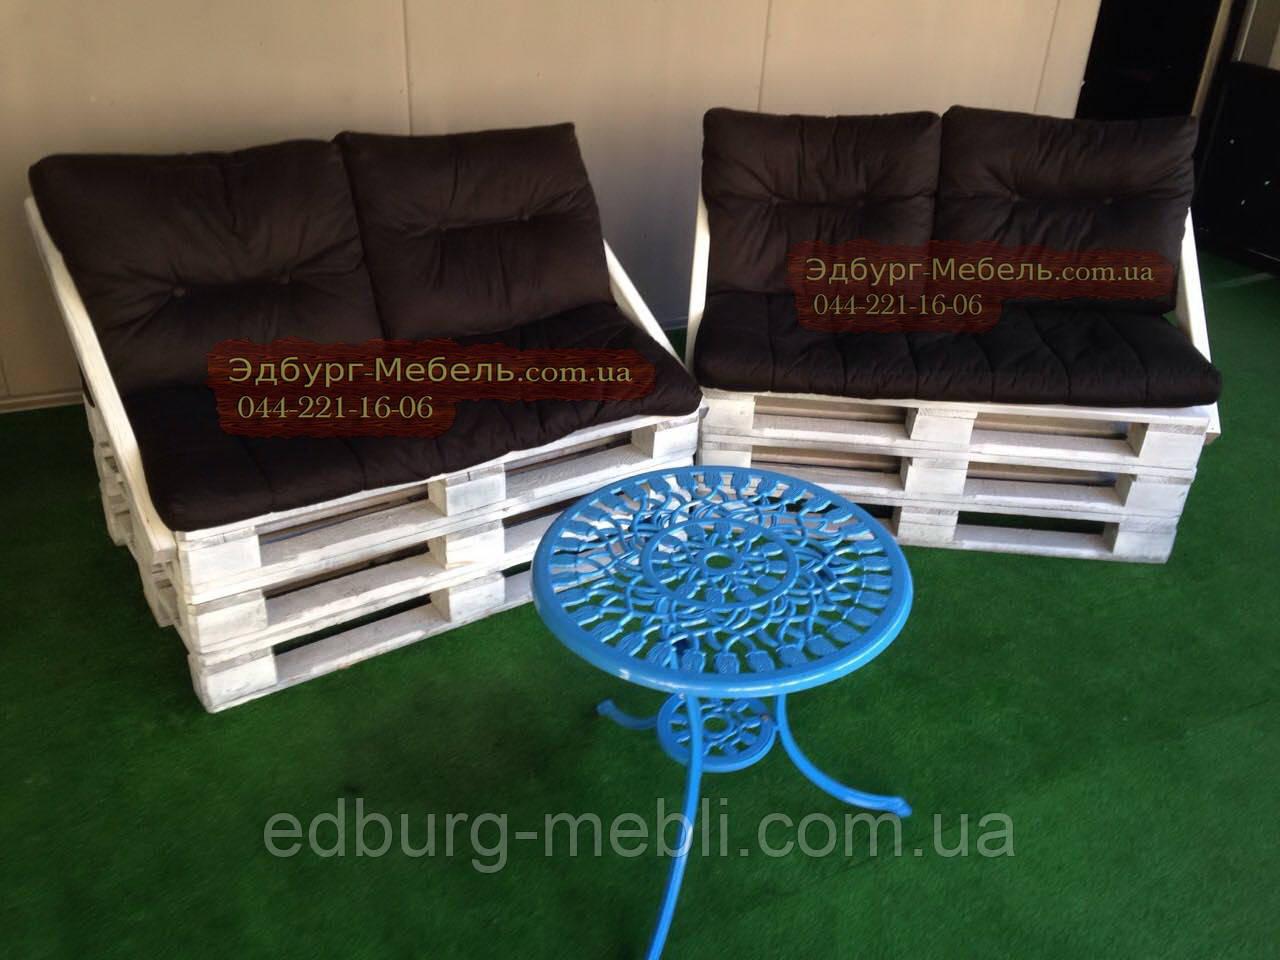 Комплект подушок для меблів з піддонів з прошивкою